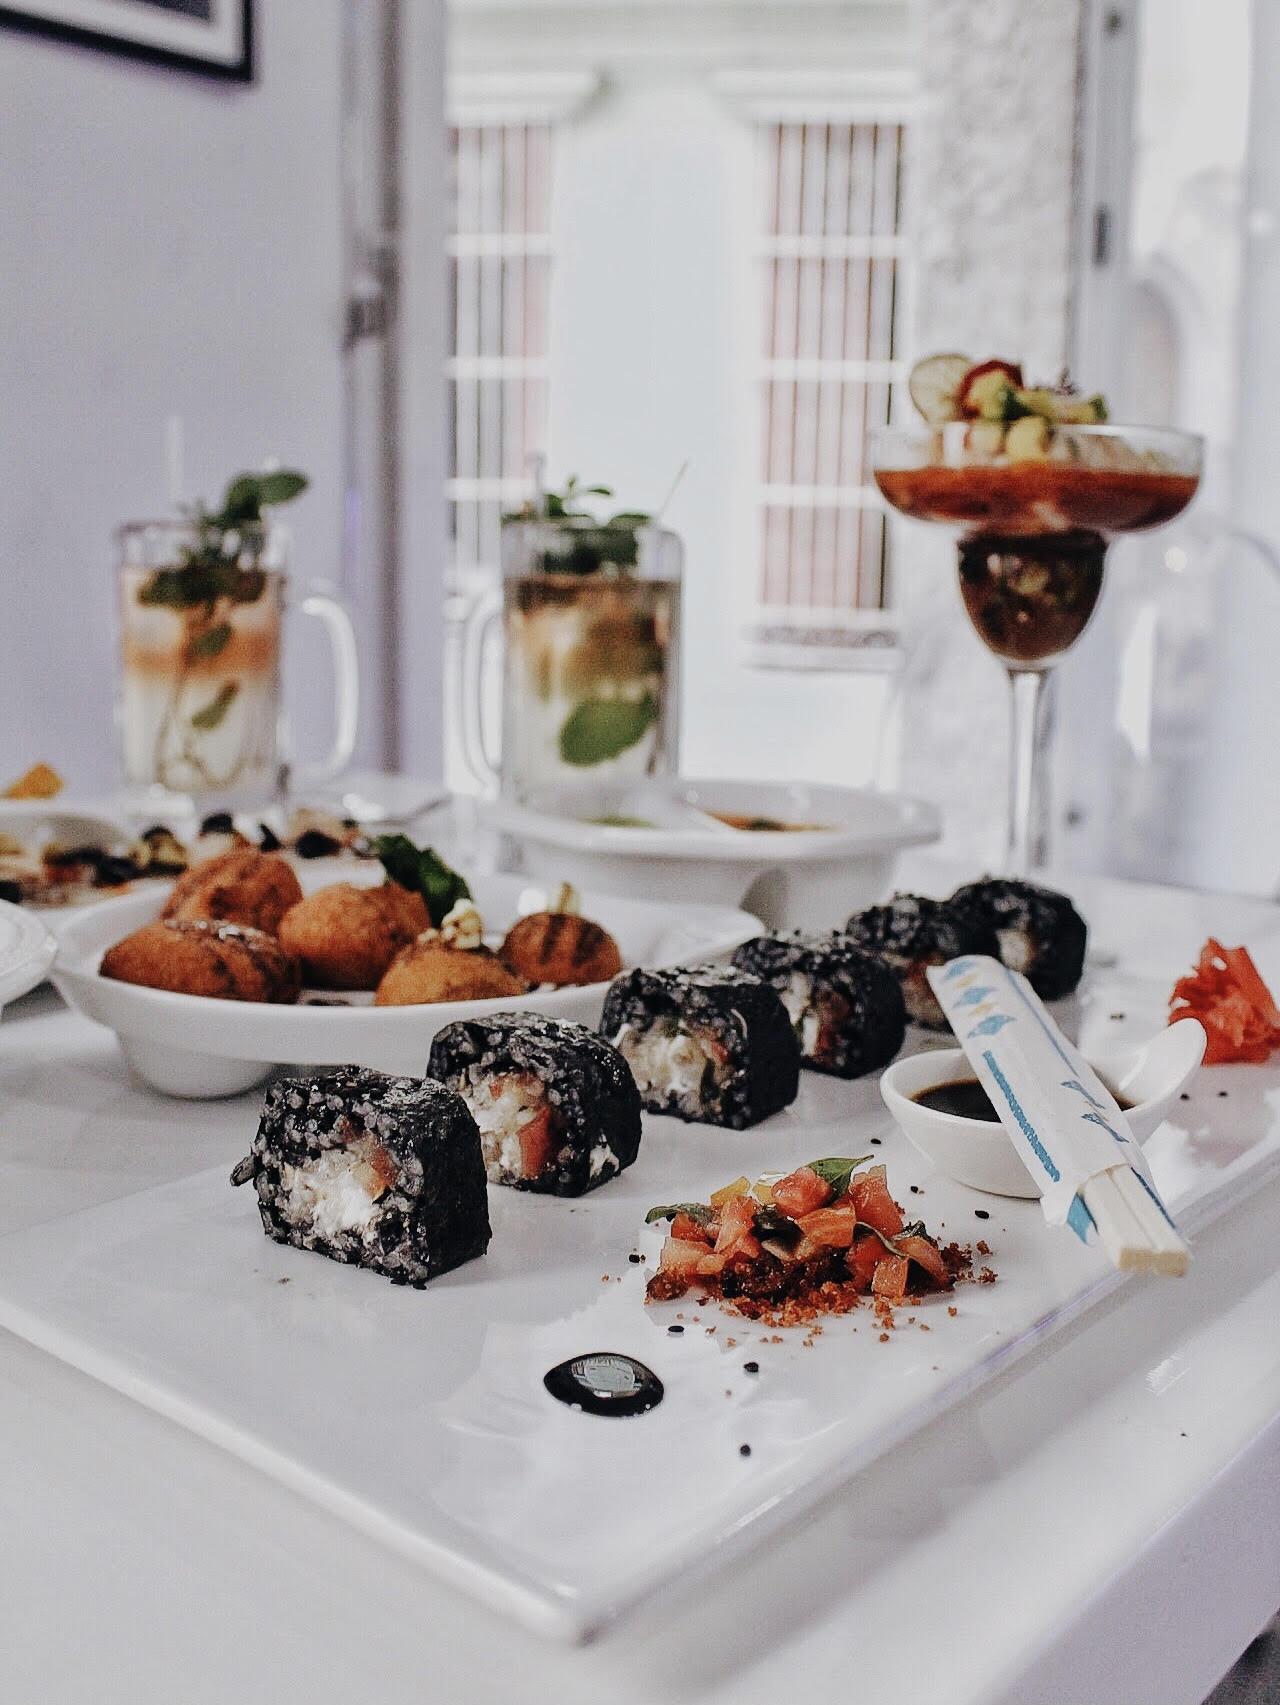 Select Food Photos